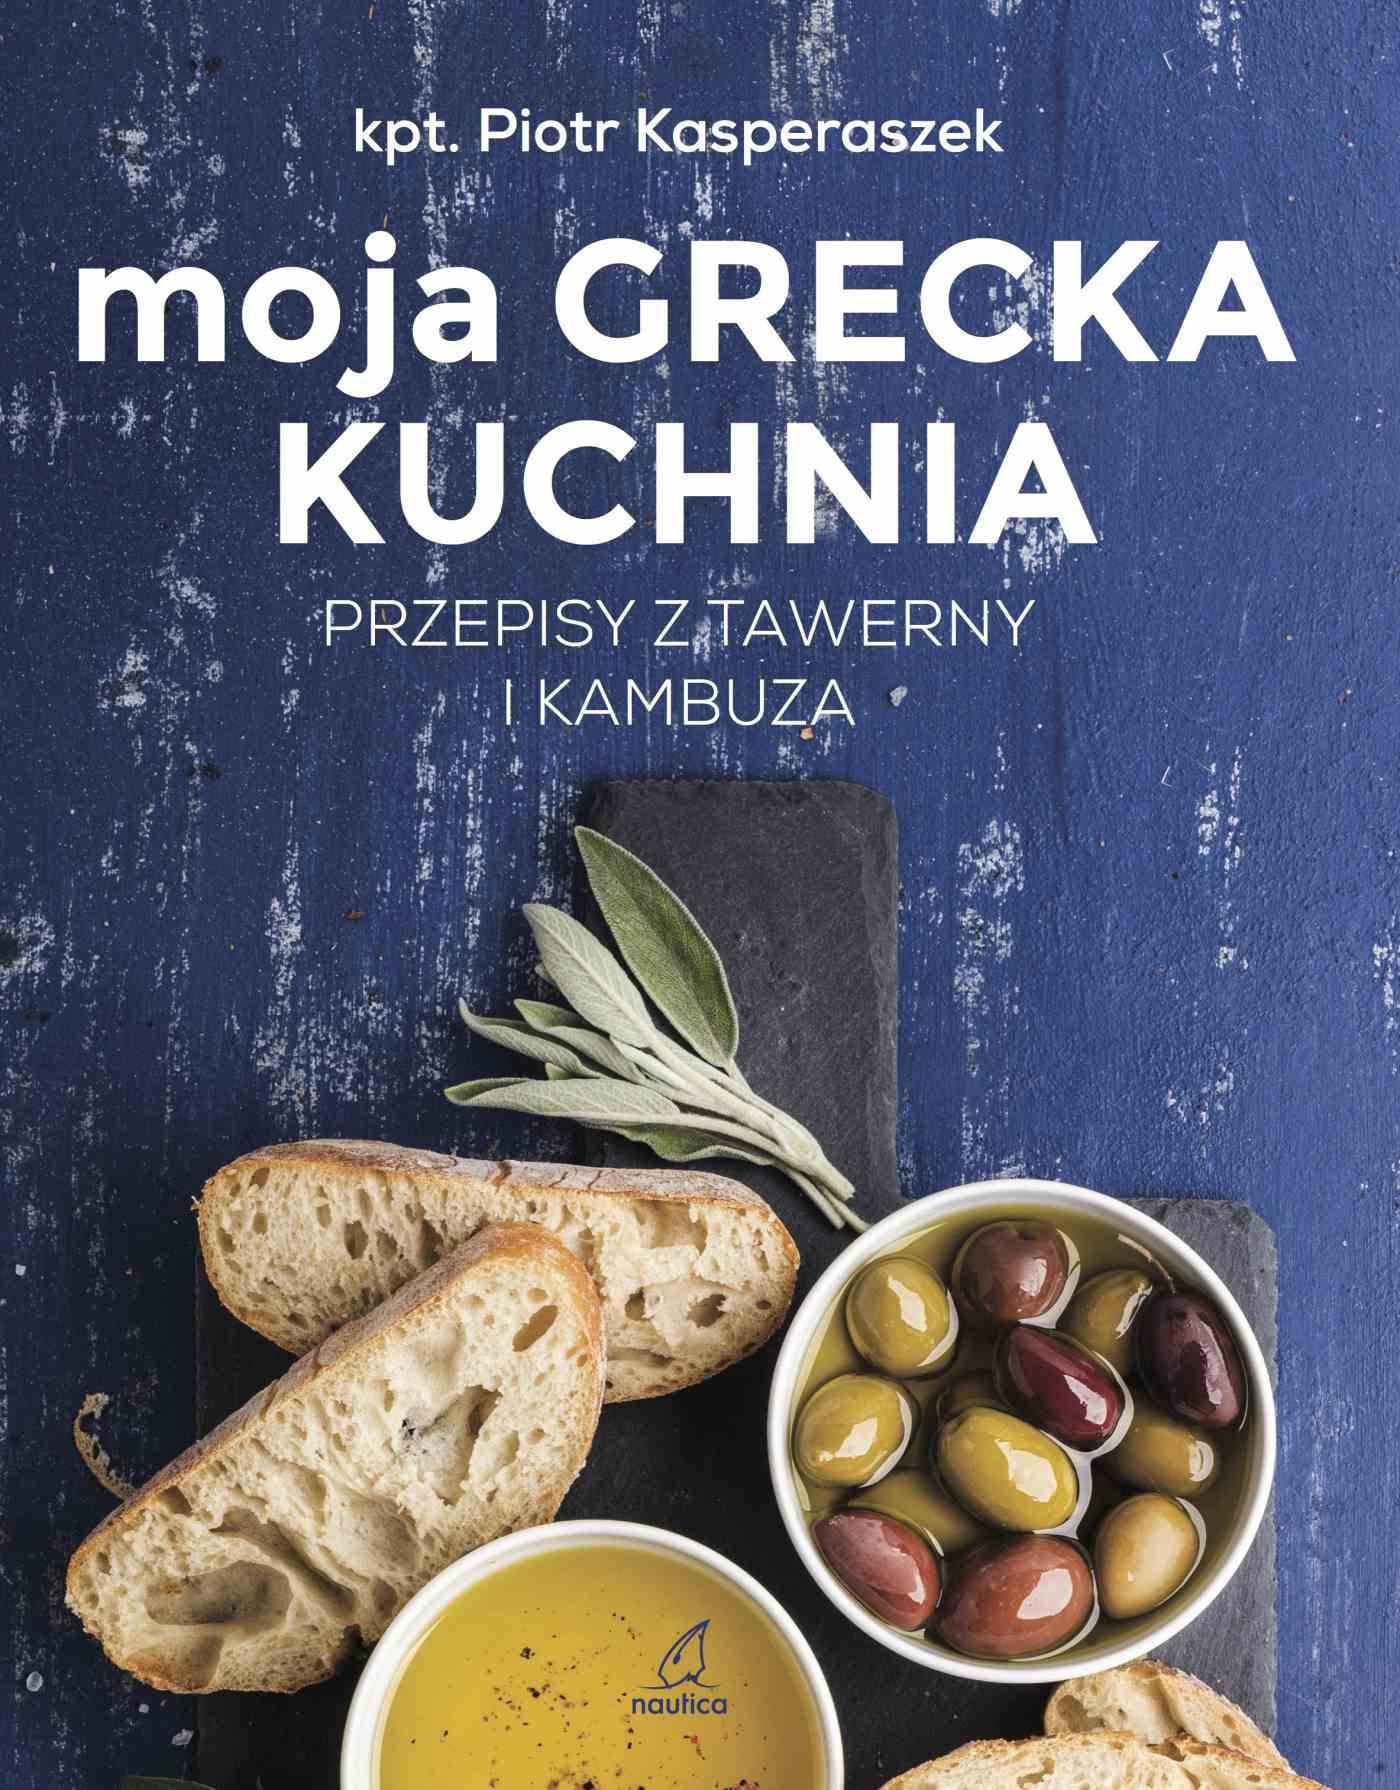 Moja grecka kuchnia - Ebook (Książka PDF) do pobrania w formacie PDF